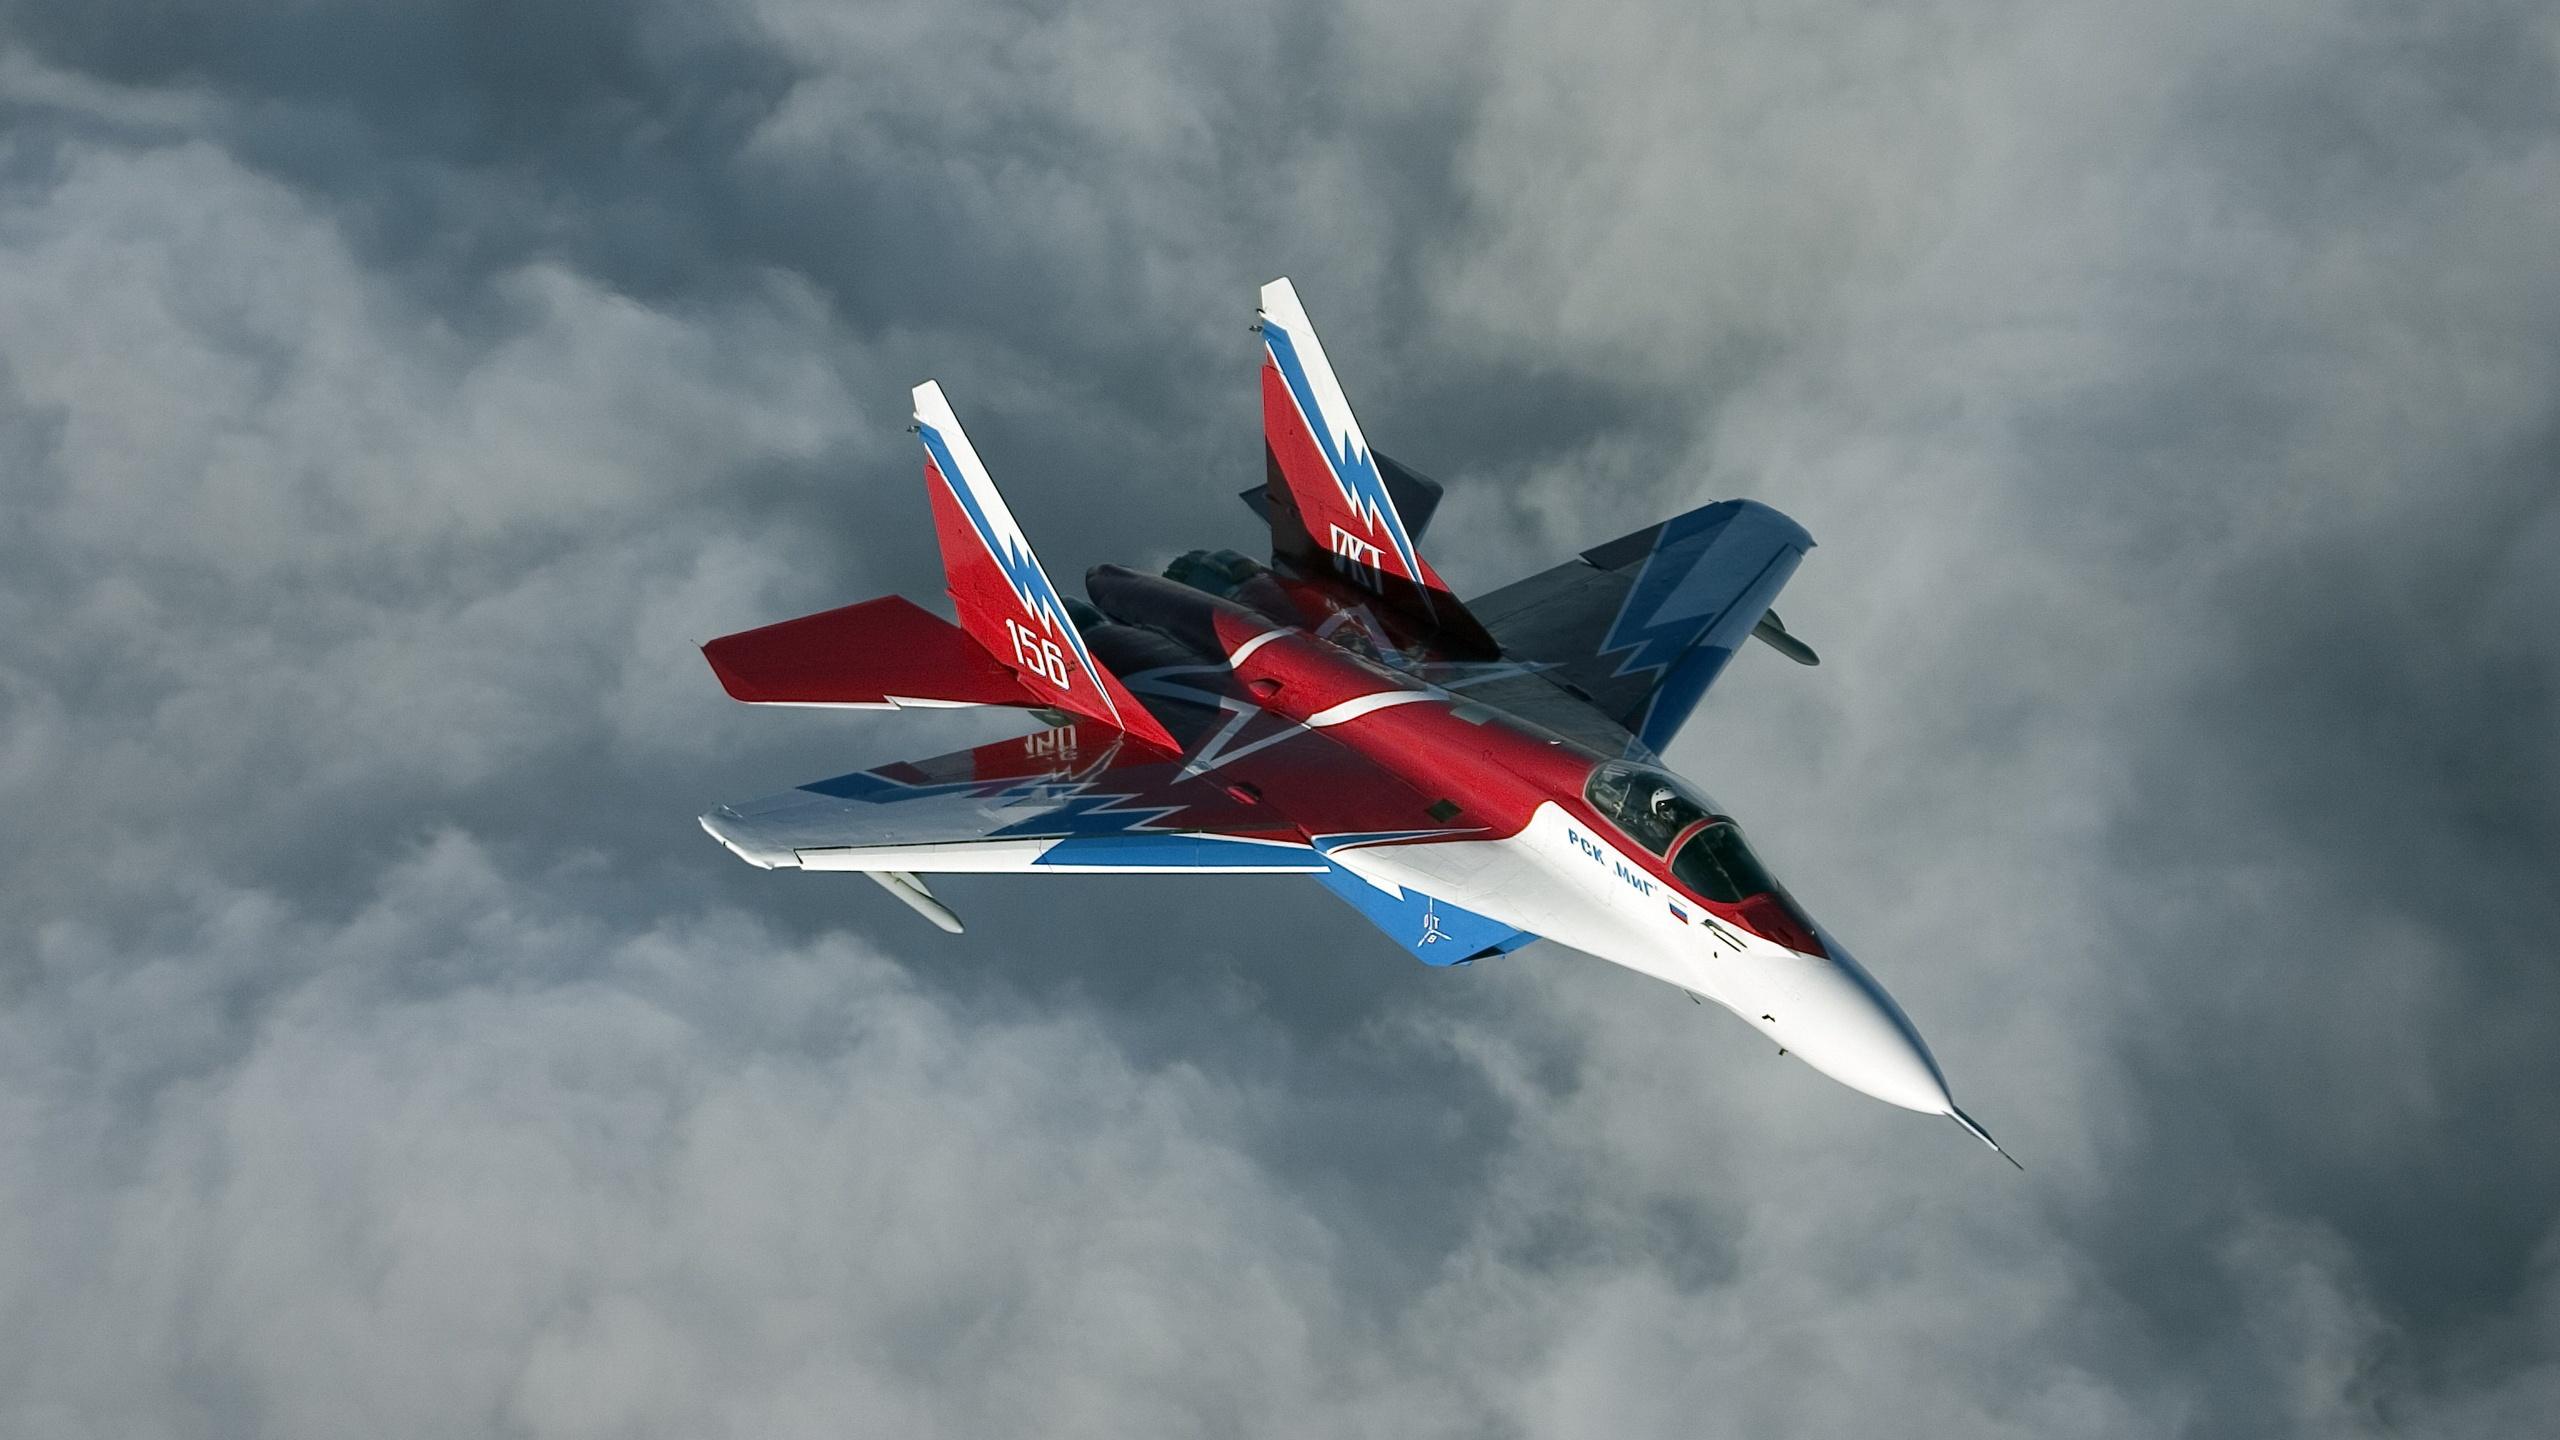 поговорим самолеты фотографии красивые военные парящие